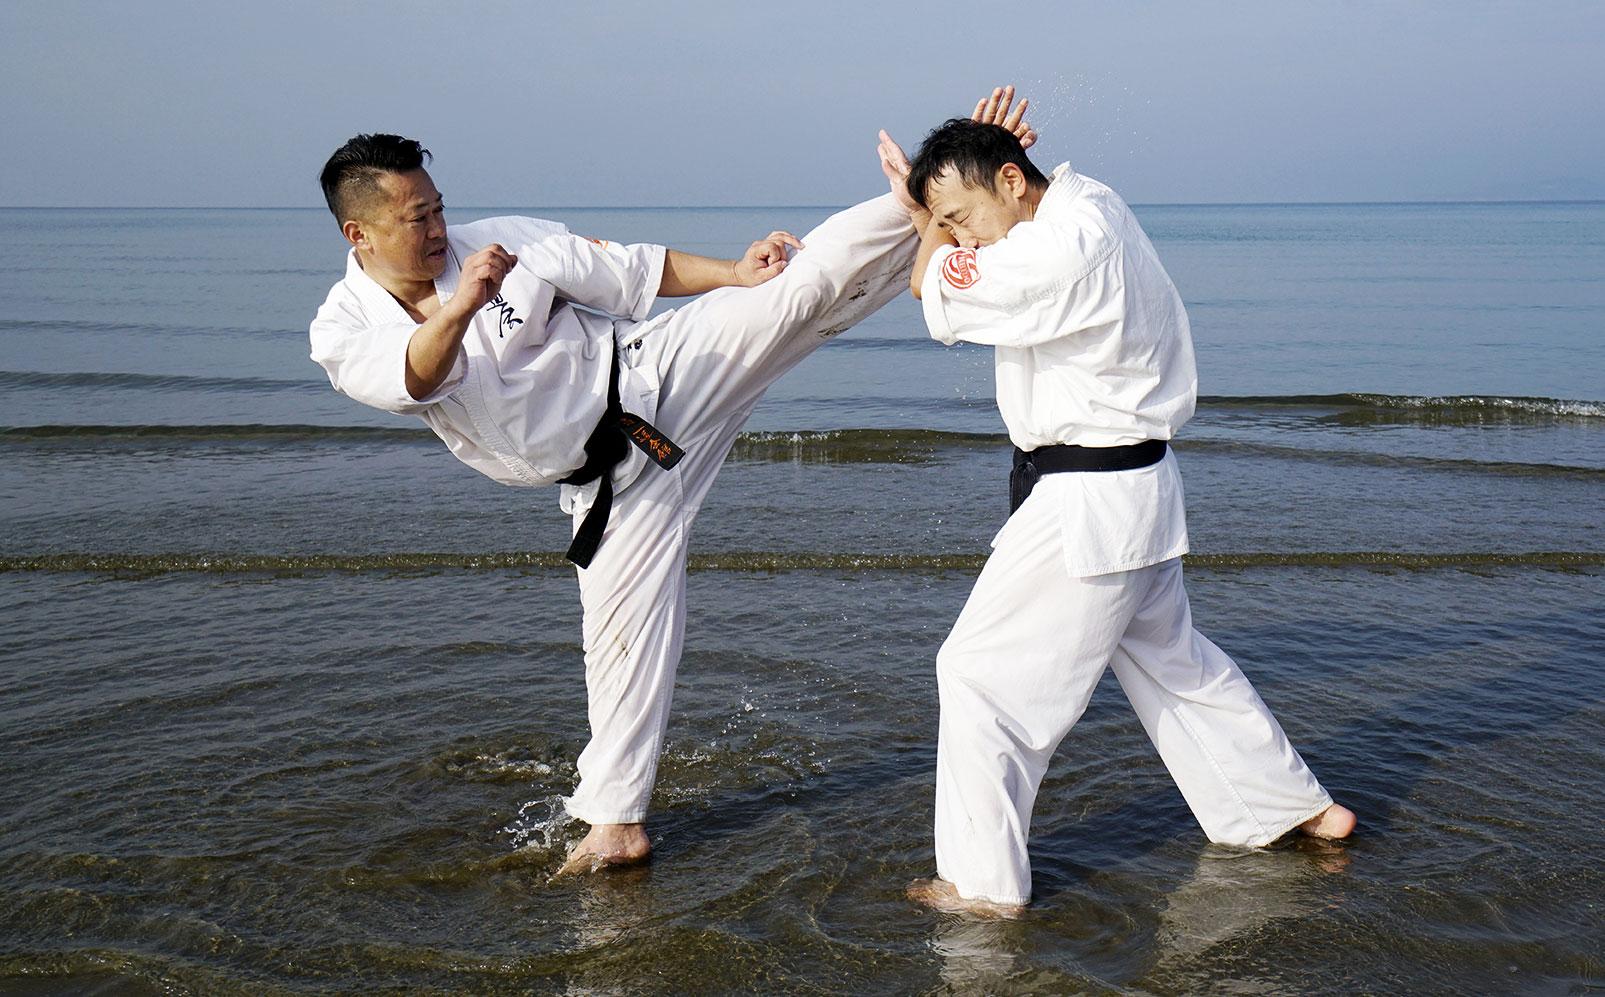 Asiatische Sportarten